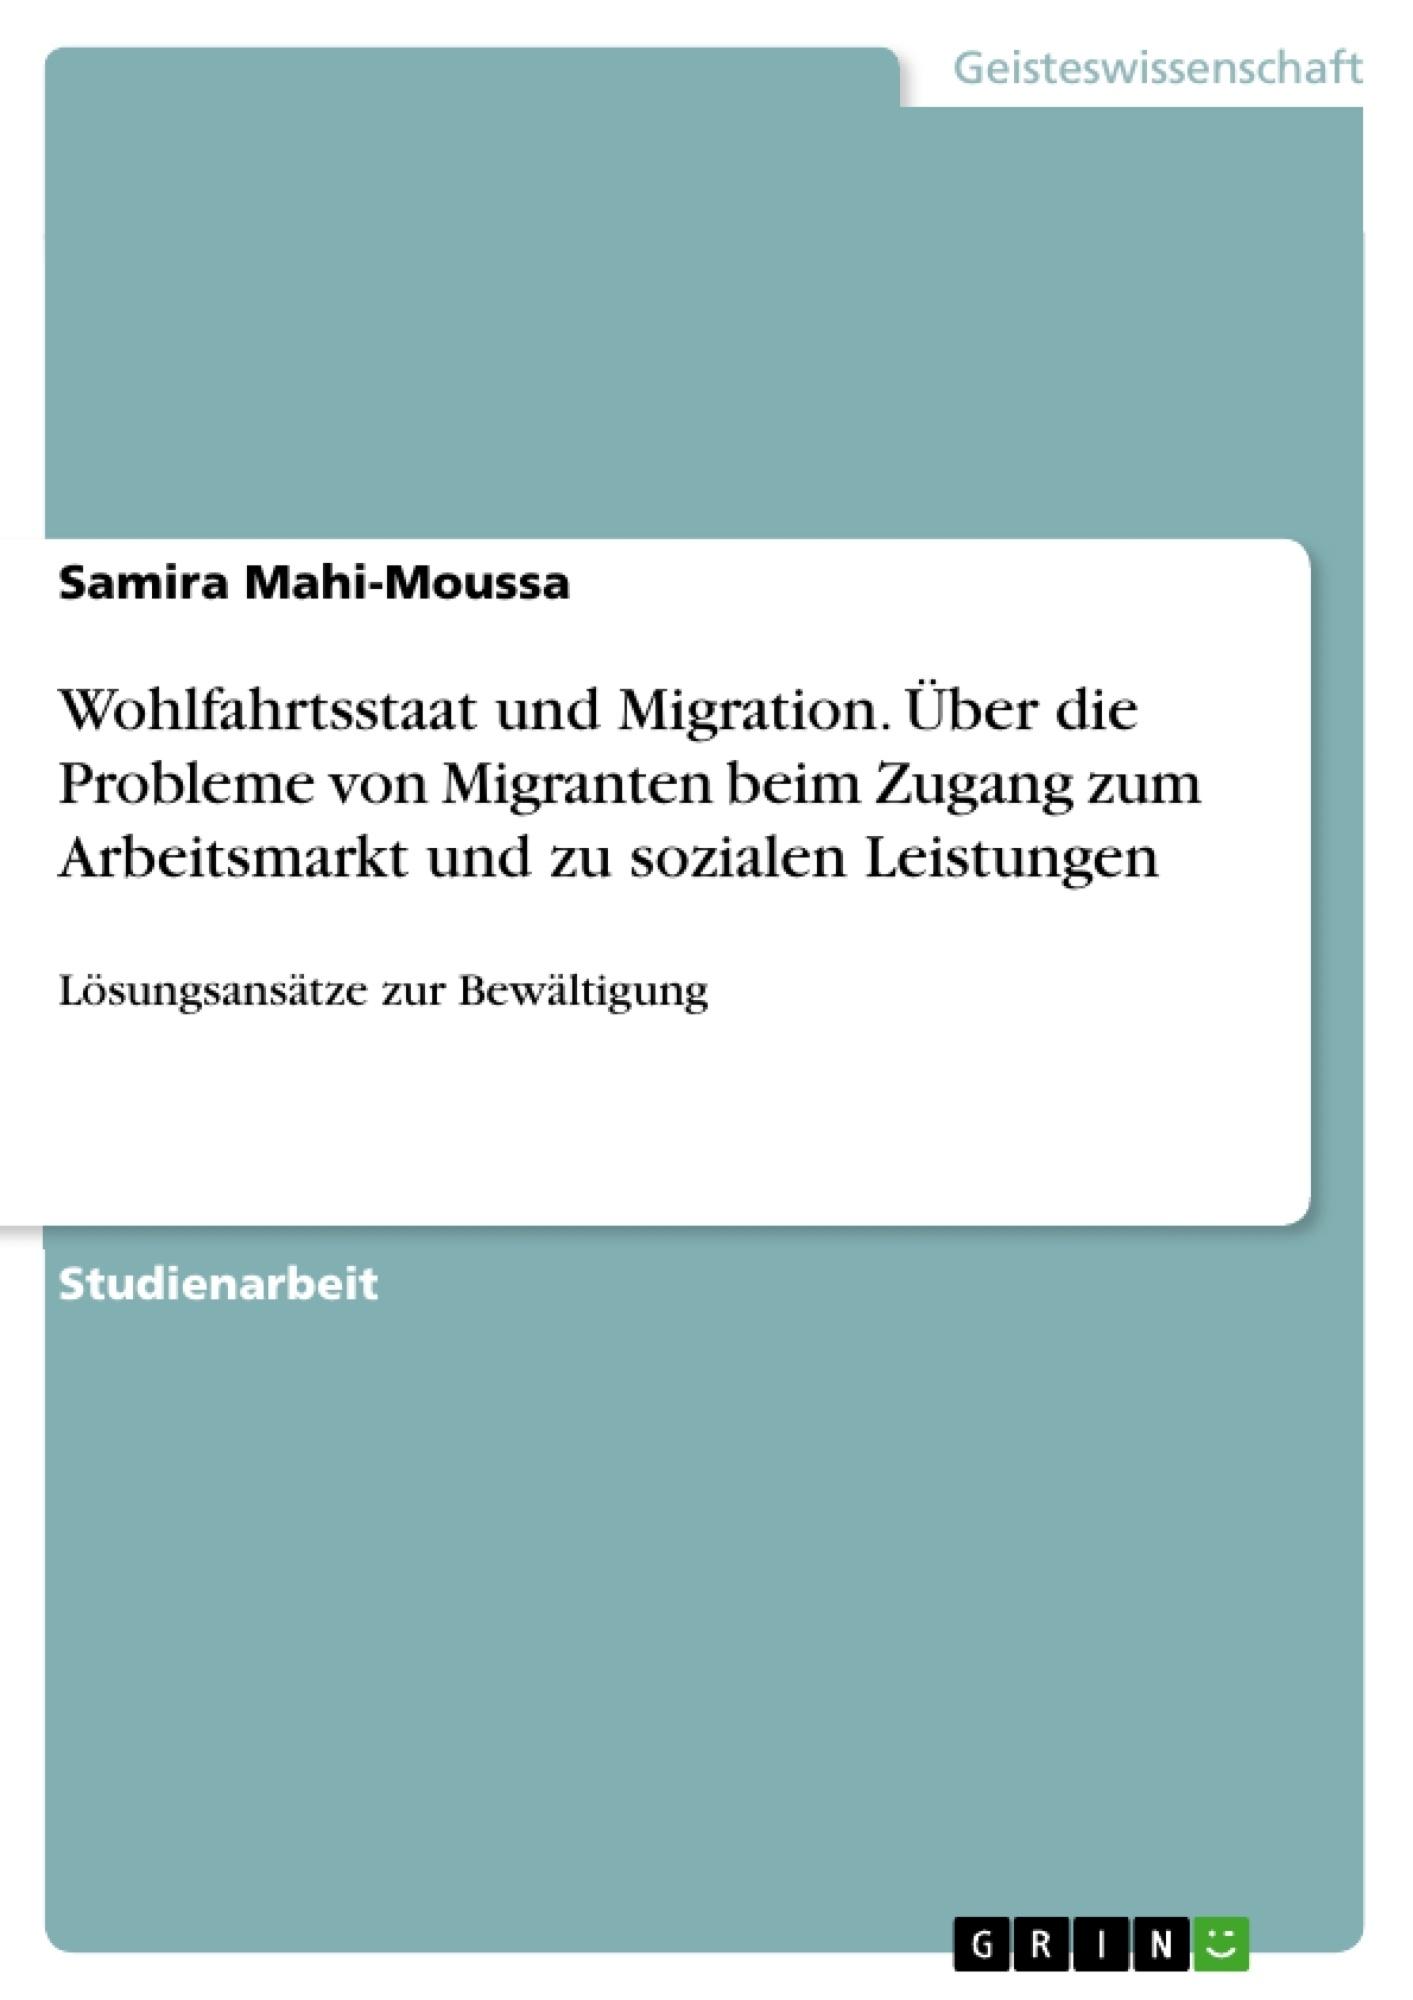 Titel: Wohlfahrtsstaat und Migration. Über die Probleme von Migranten beim Zugang zum Arbeitsmarkt und zu sozialen Leistungen